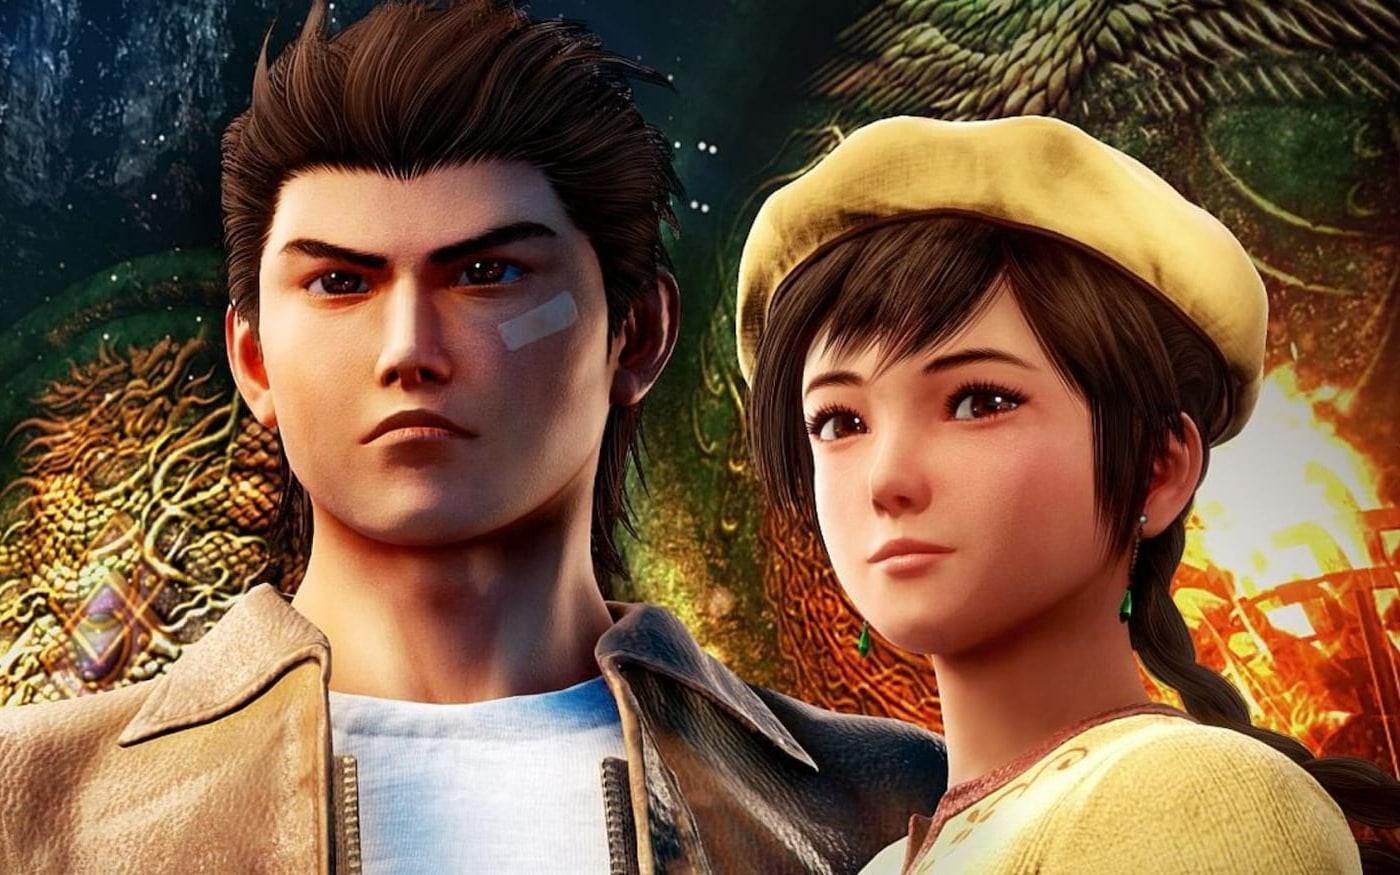 [Shennmue 3] Depois de muitos anos, a estreia do jogo se aproxima e são revelados trailers na TGS 2019